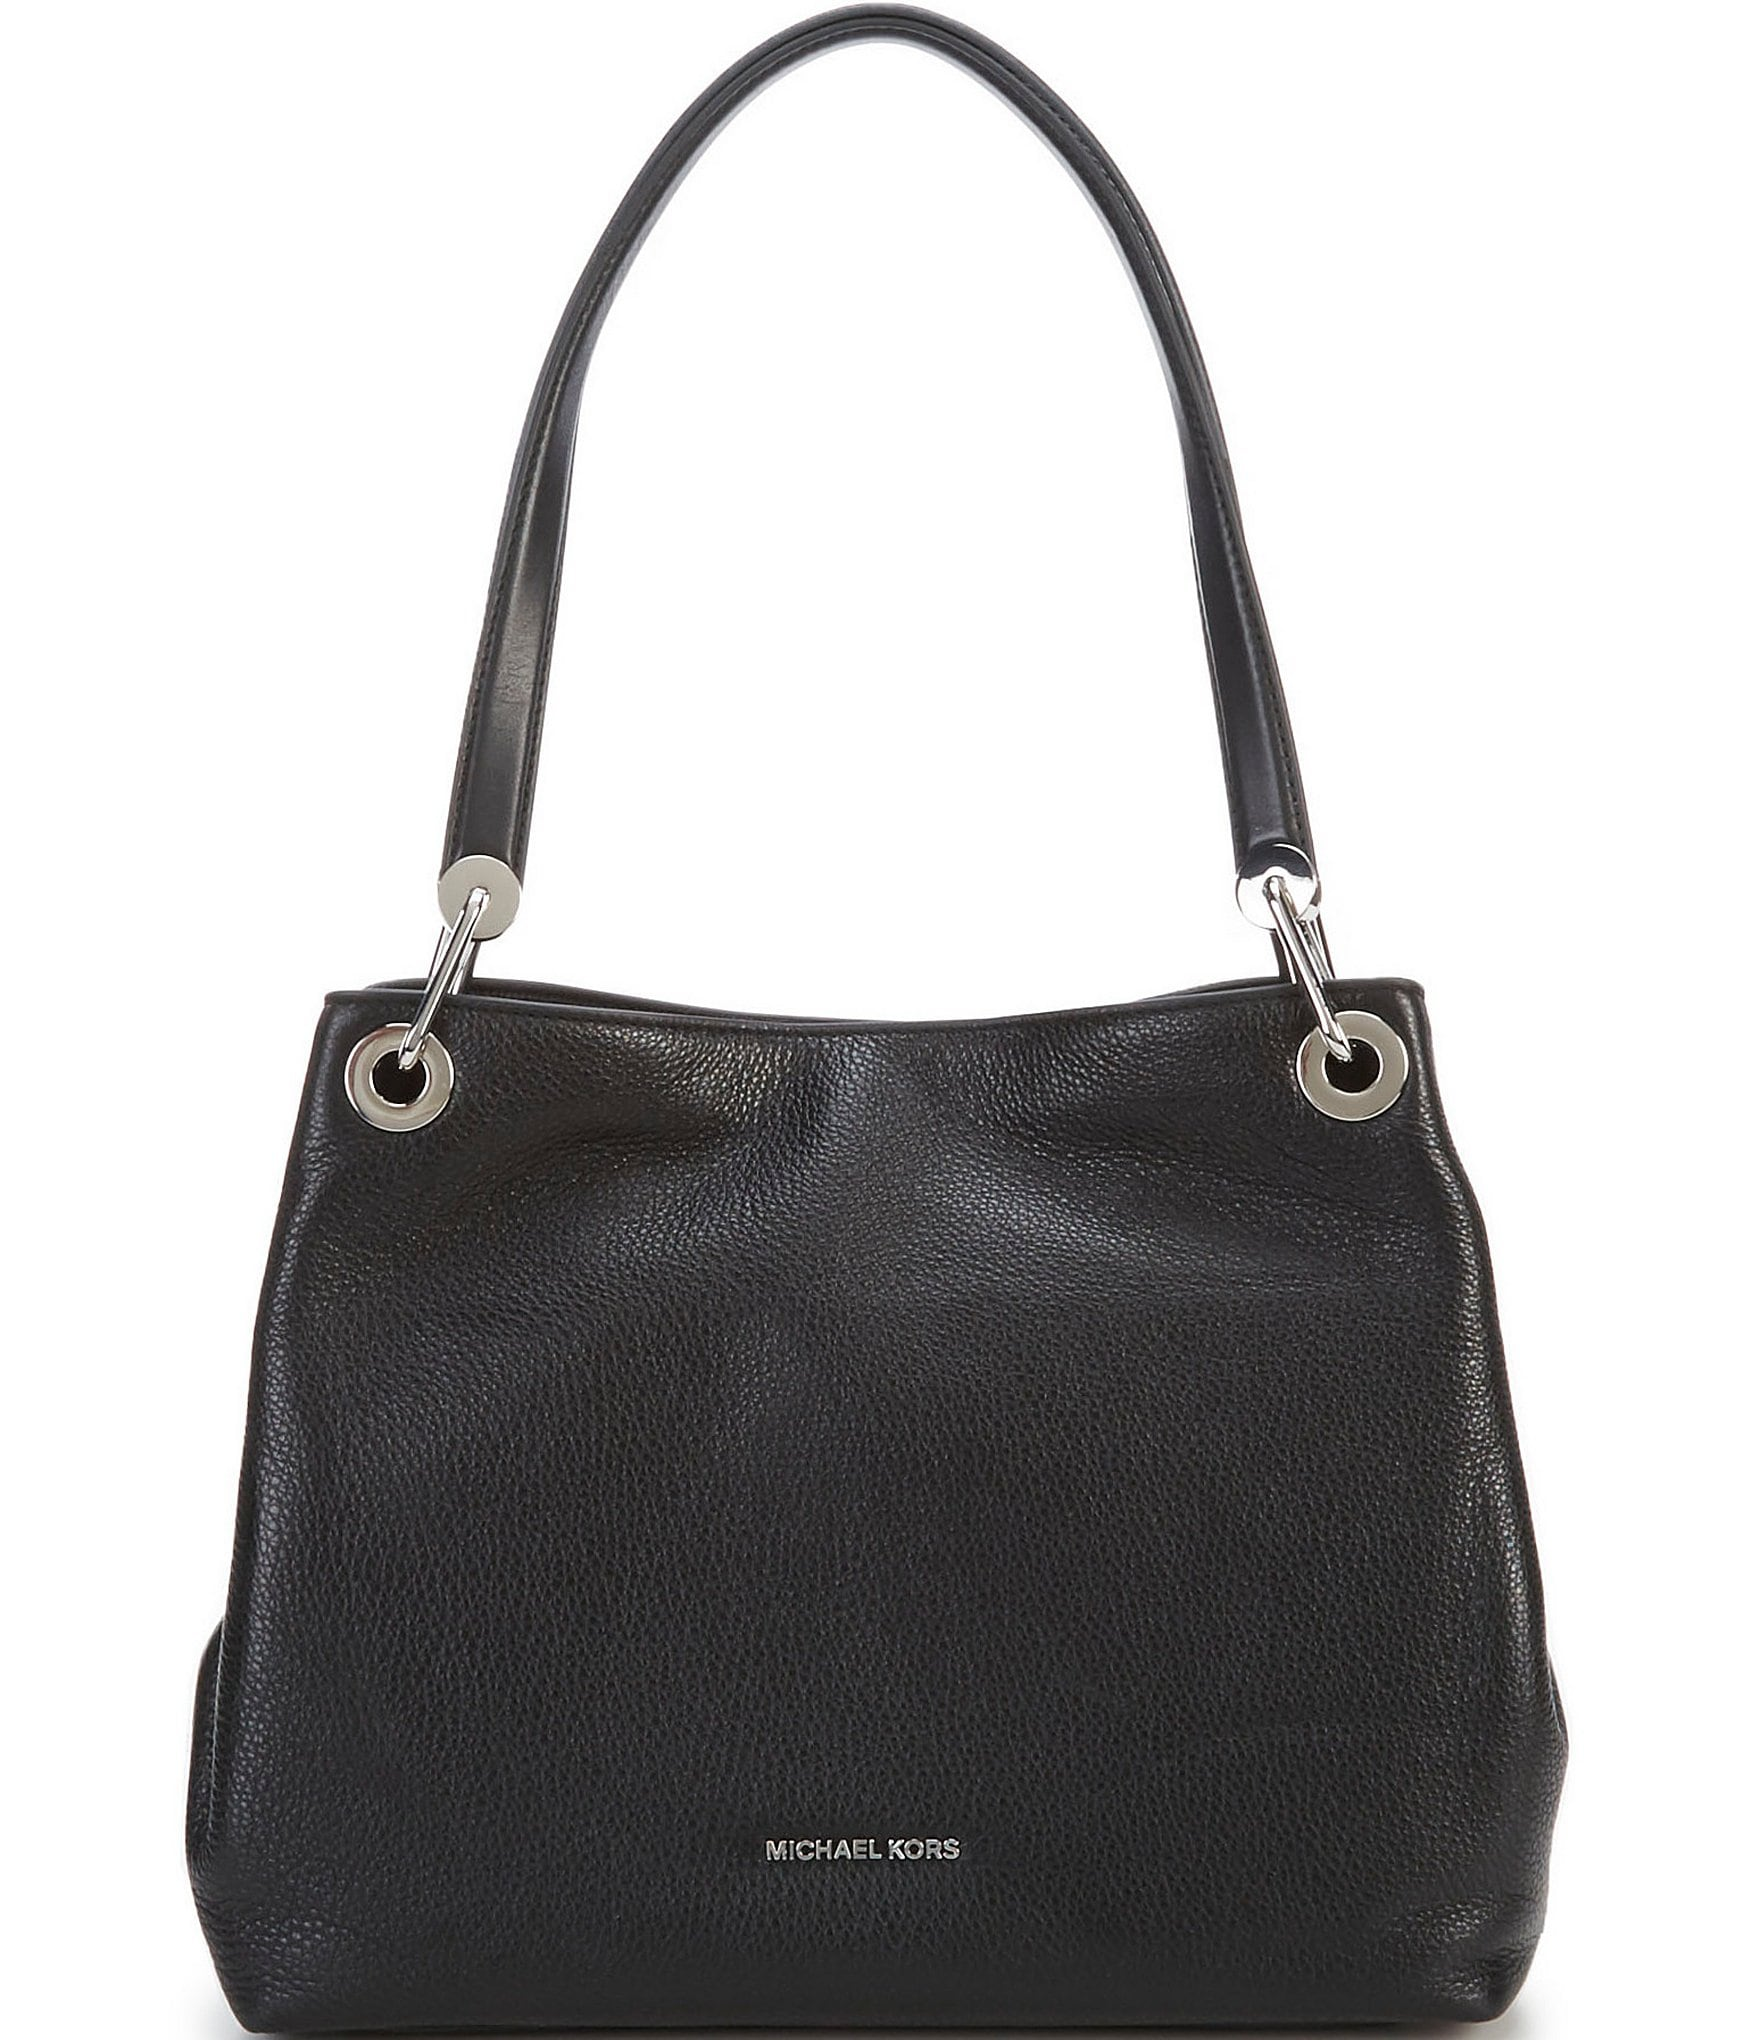 Handbags, Purses & Wallets | Dillards